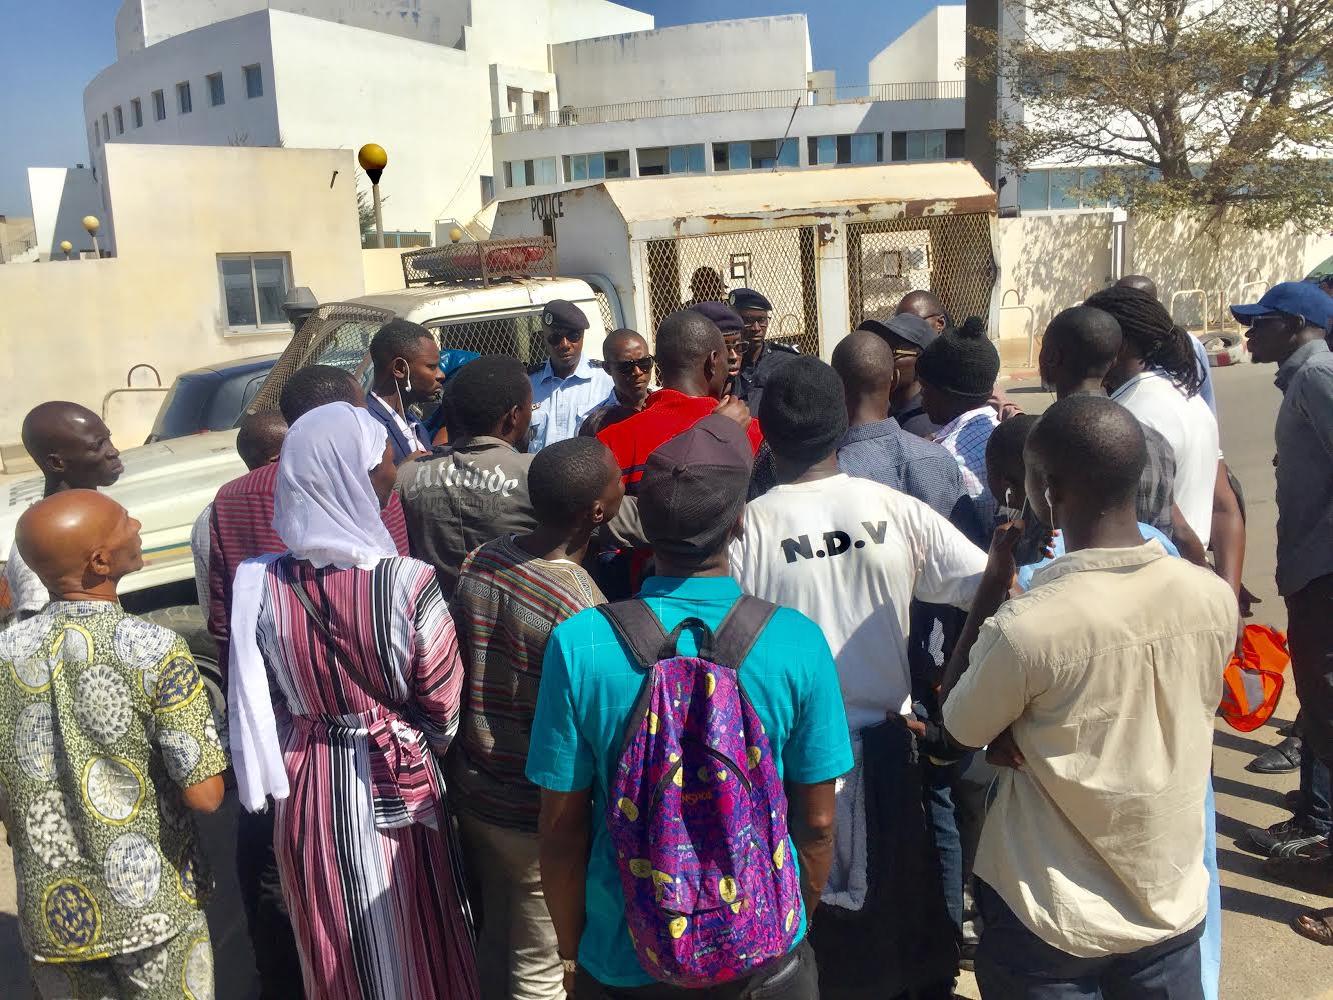 Palais de justice : La police disperse un rassemblement des camarades de Guy Marius Sagna devant le tribunal.